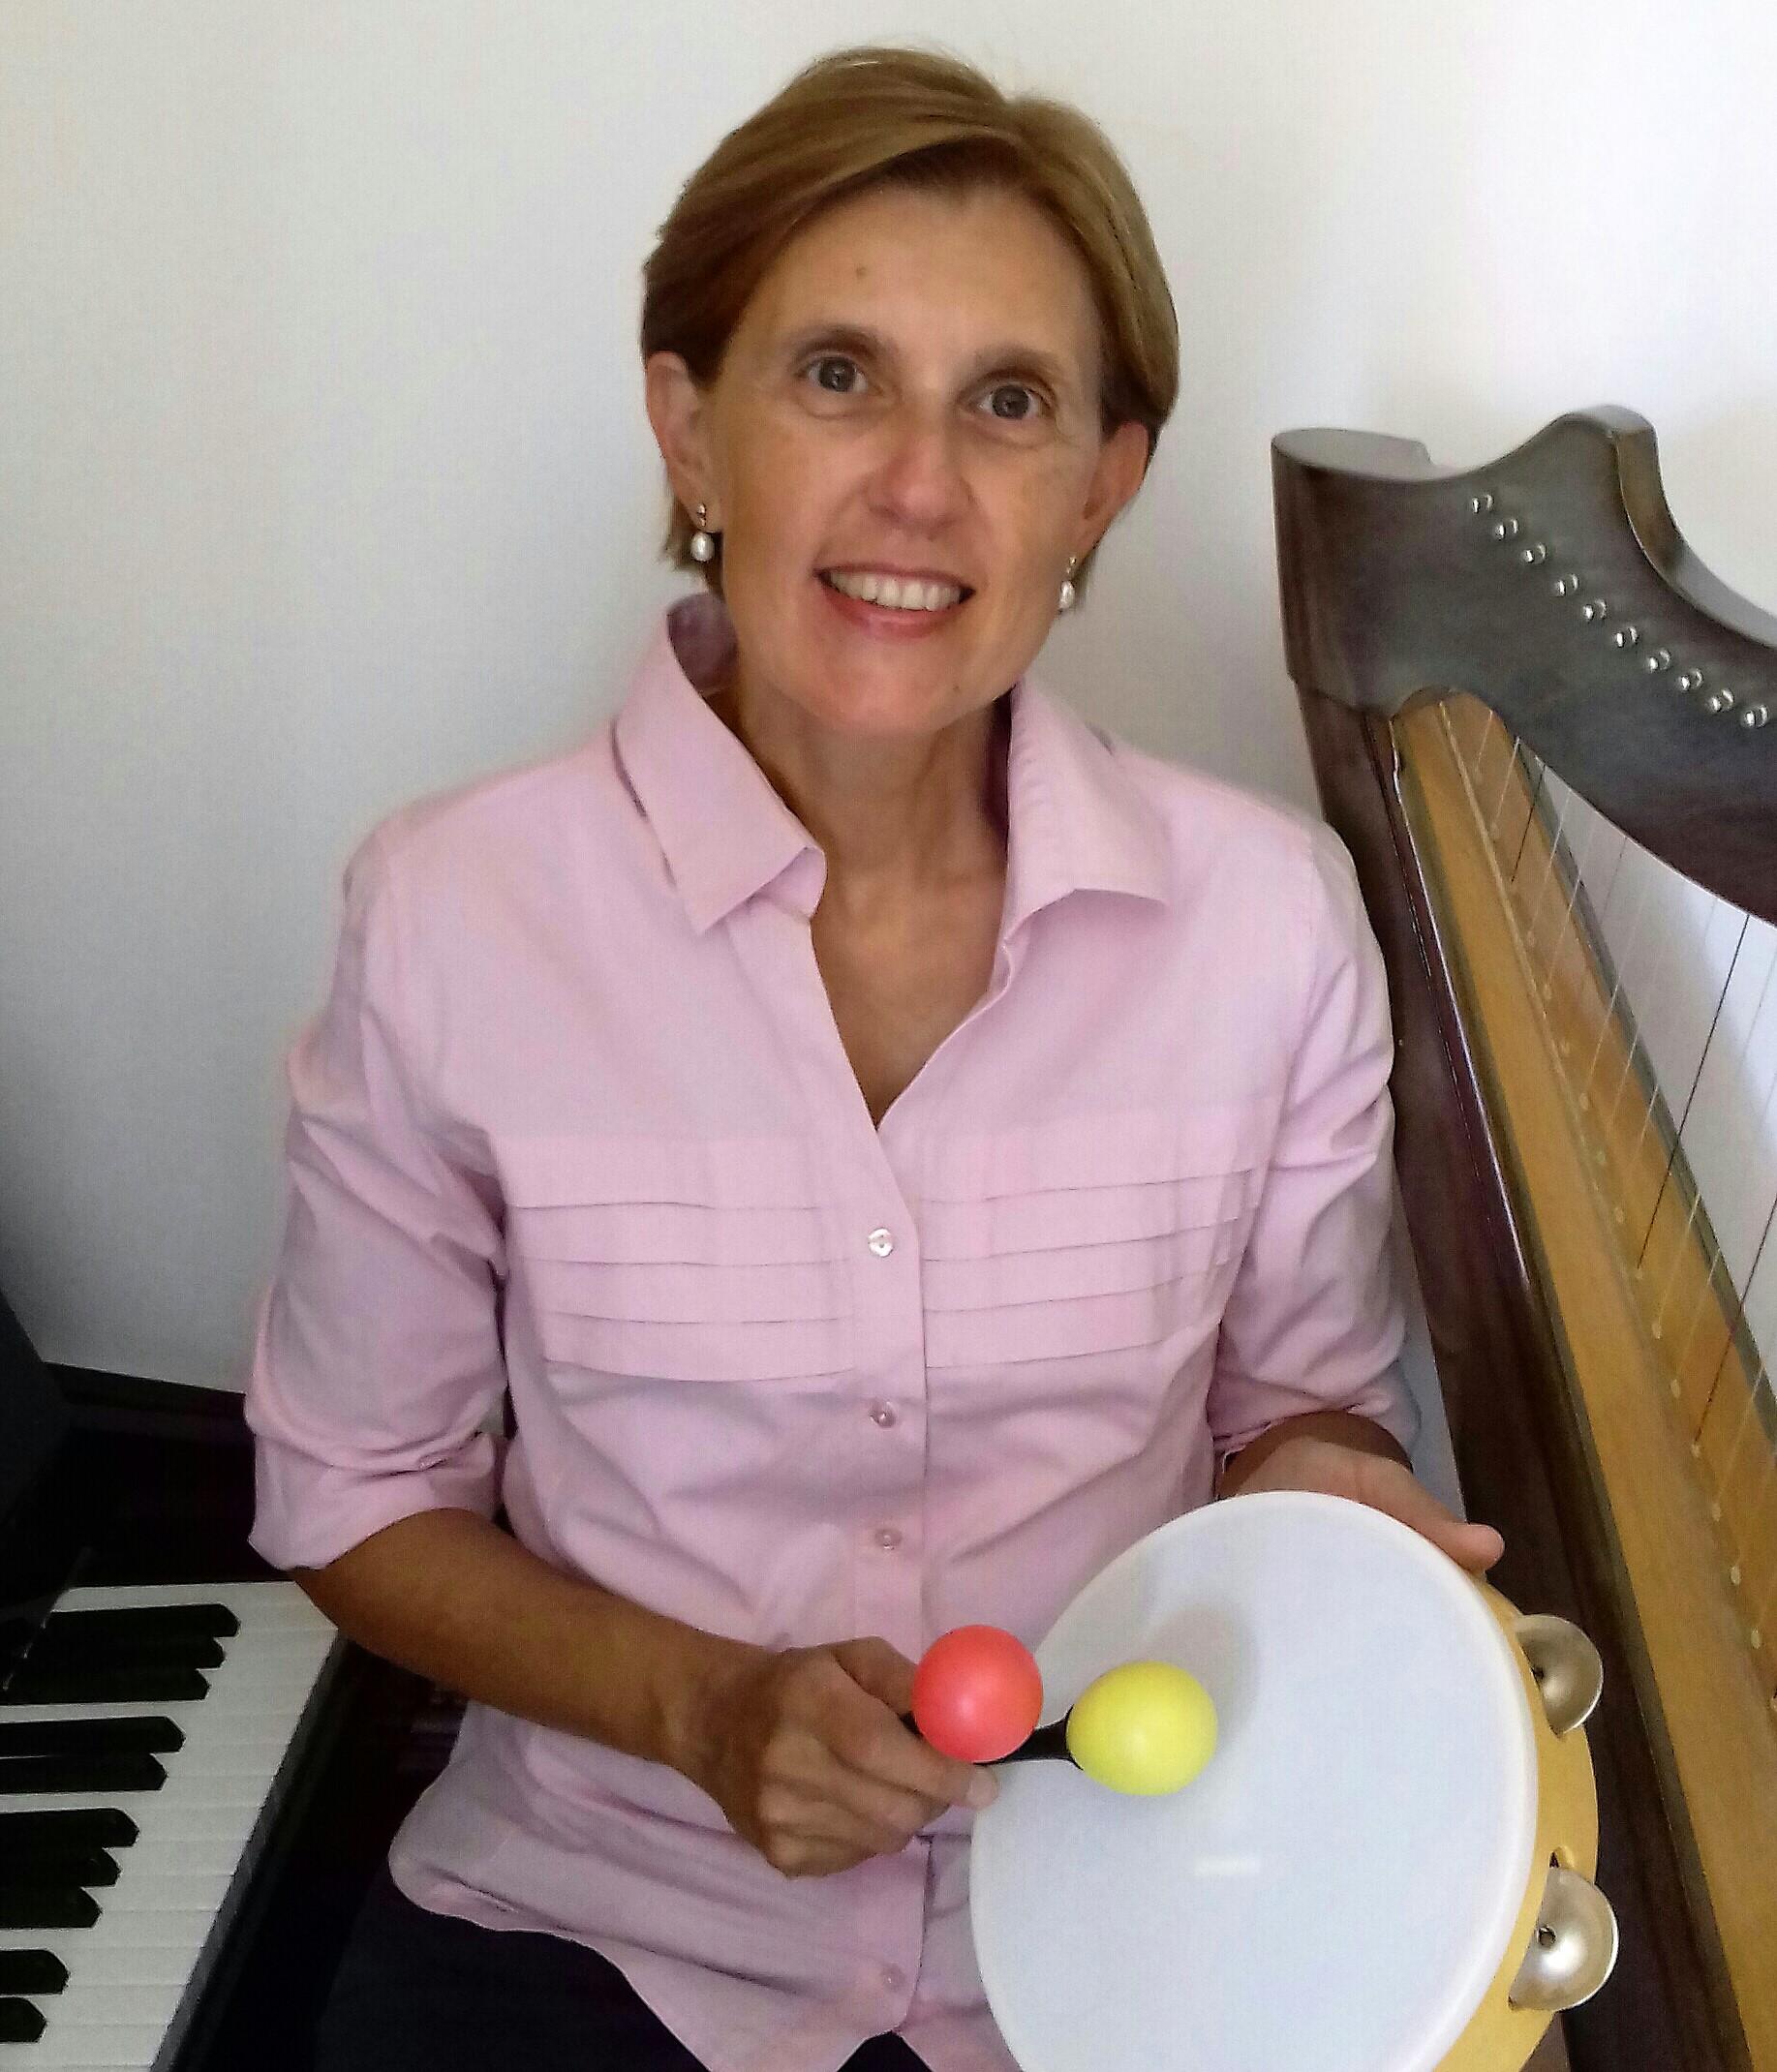 PAOLA Beltrami